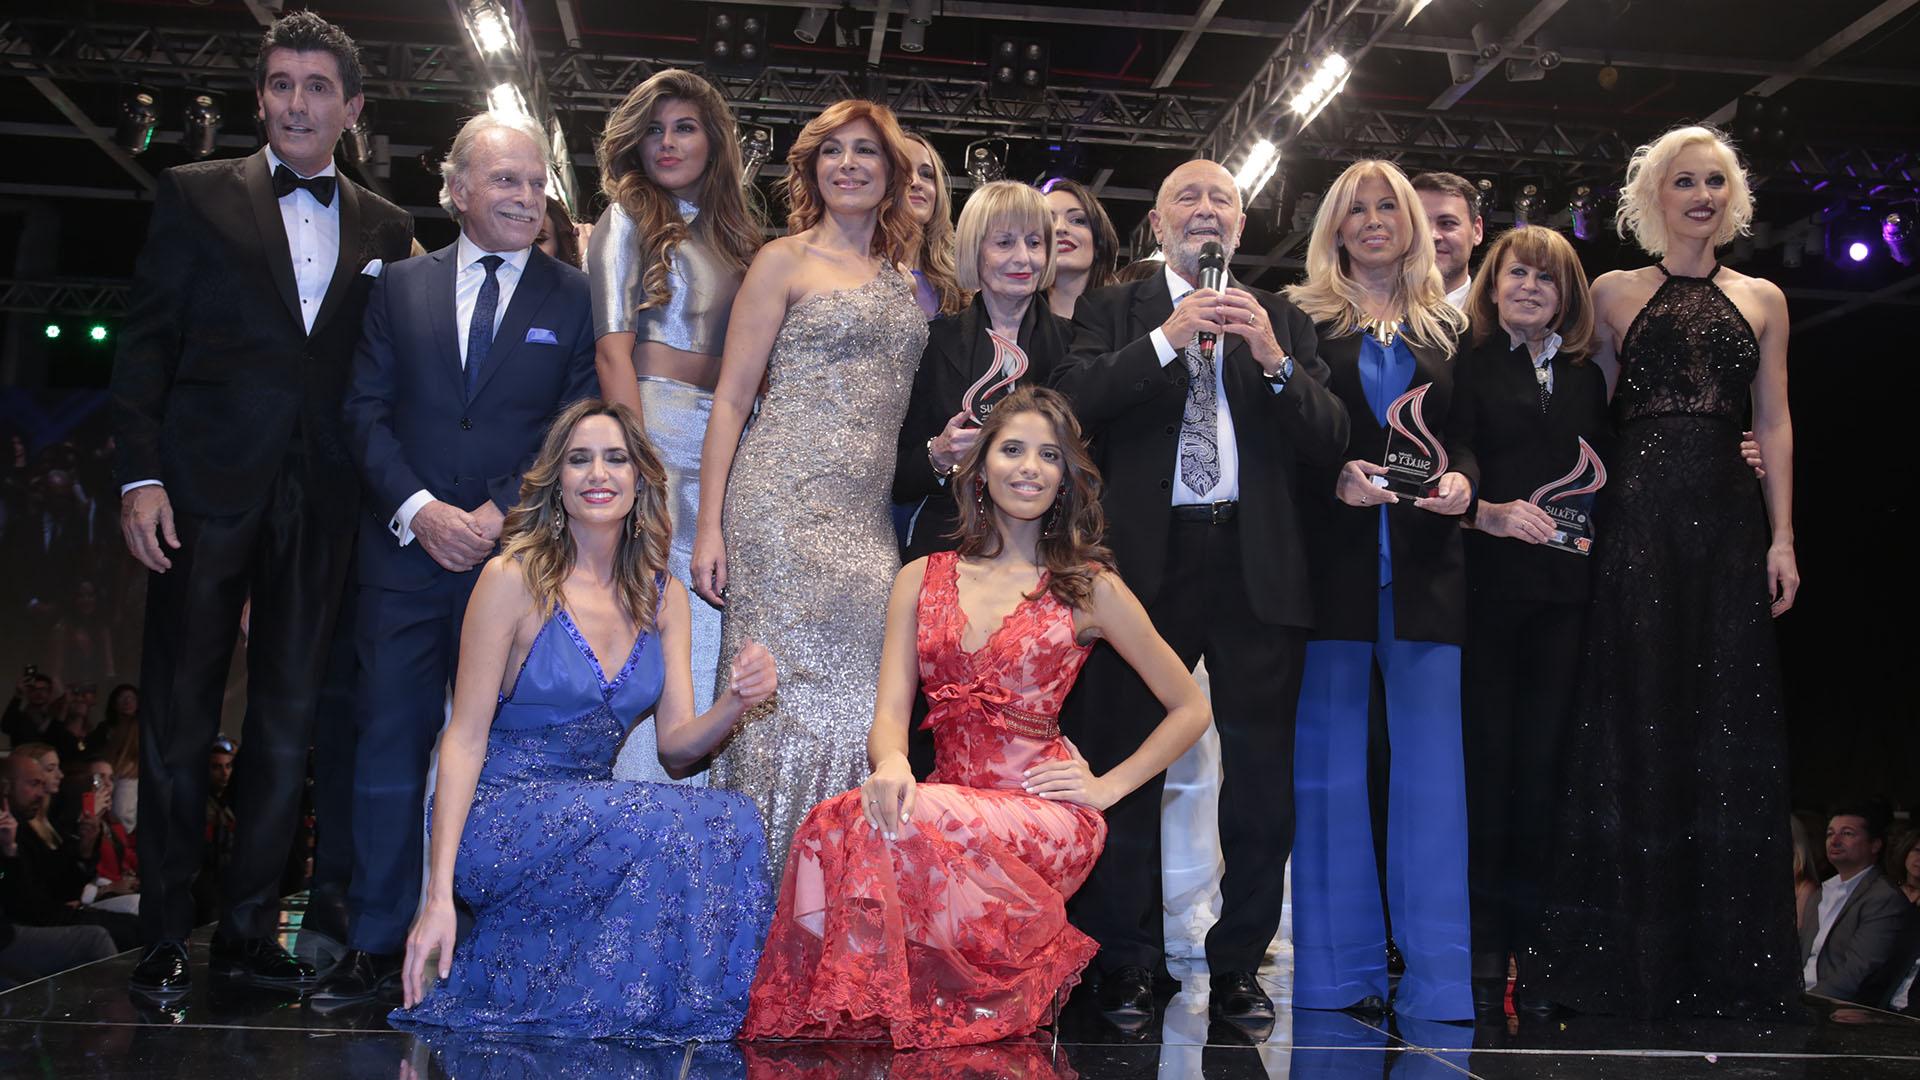 El cierre del desfile de Silkey Mundial Salón Internacional Moda & Coiffure 2017 (Christian Bochichio)